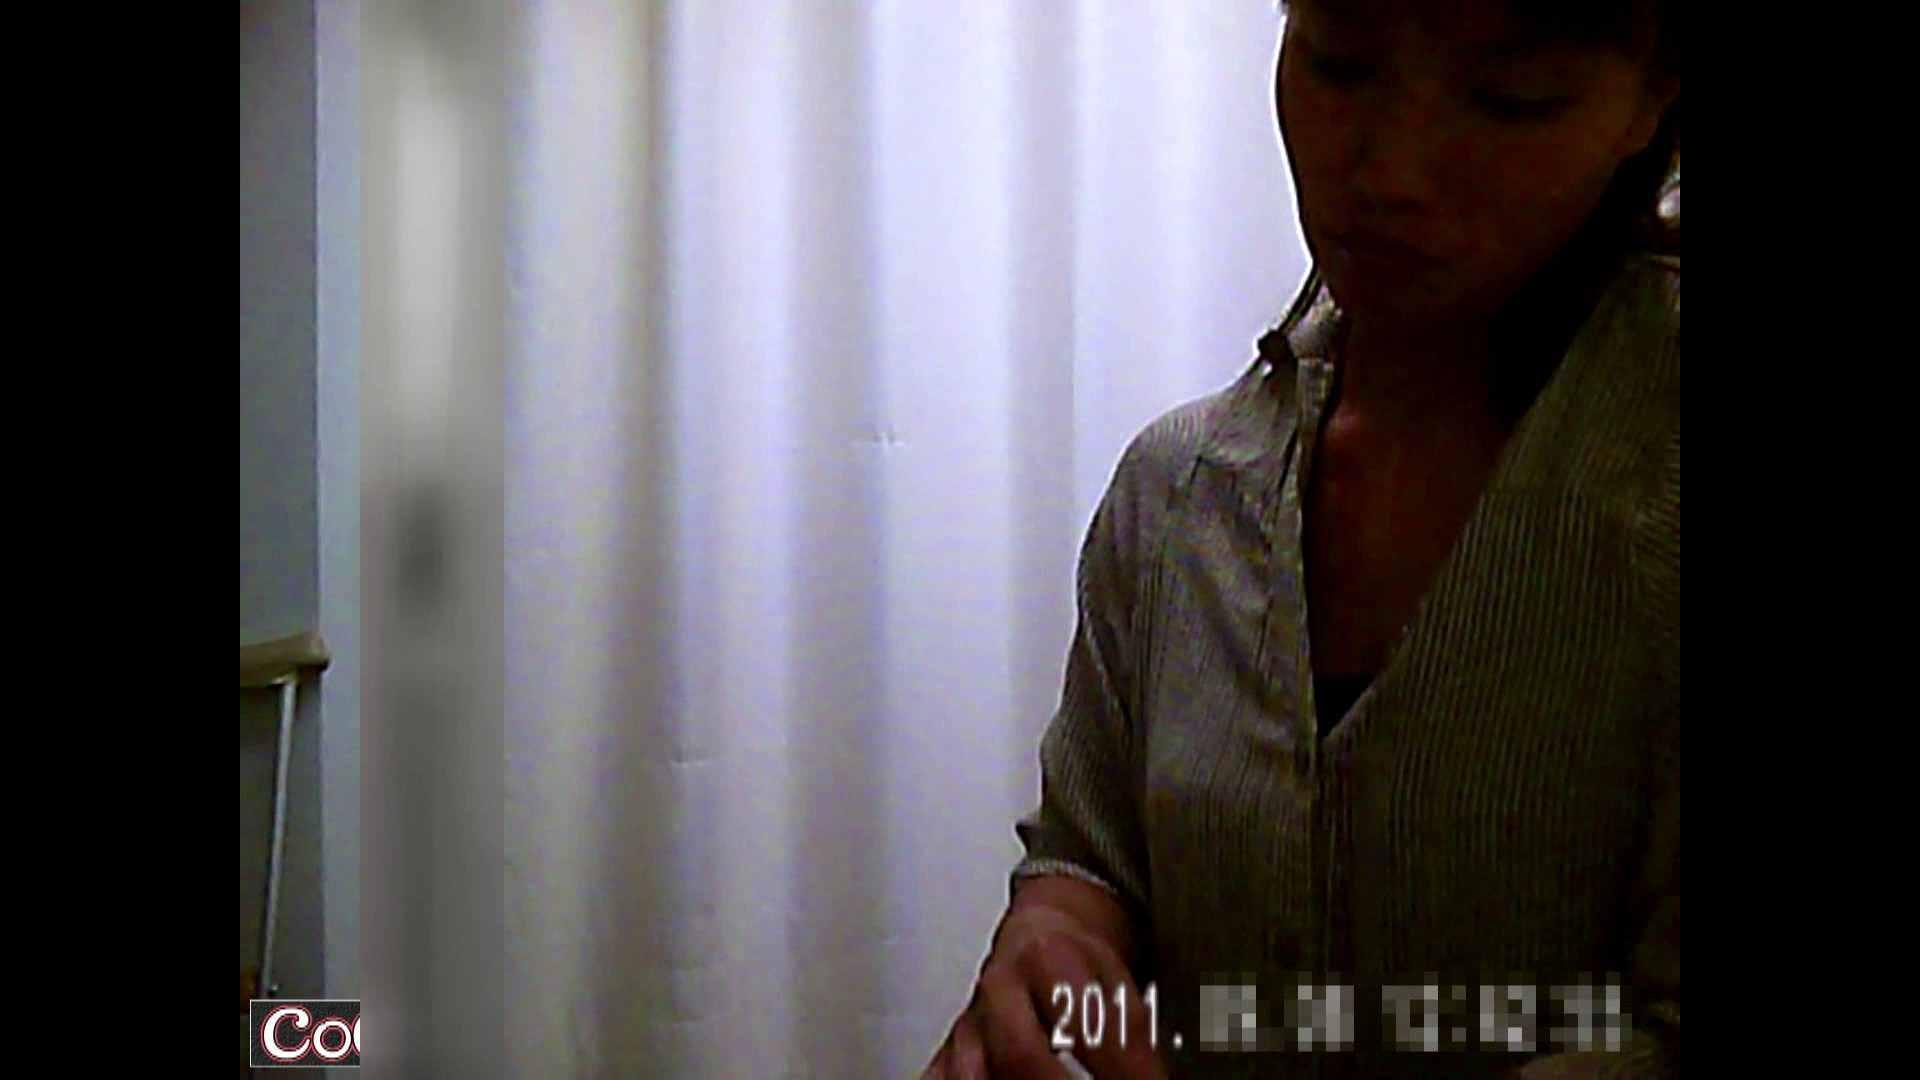 病院おもいっきり着替え! vol.22 おっぱい 盗撮画像 89画像 36